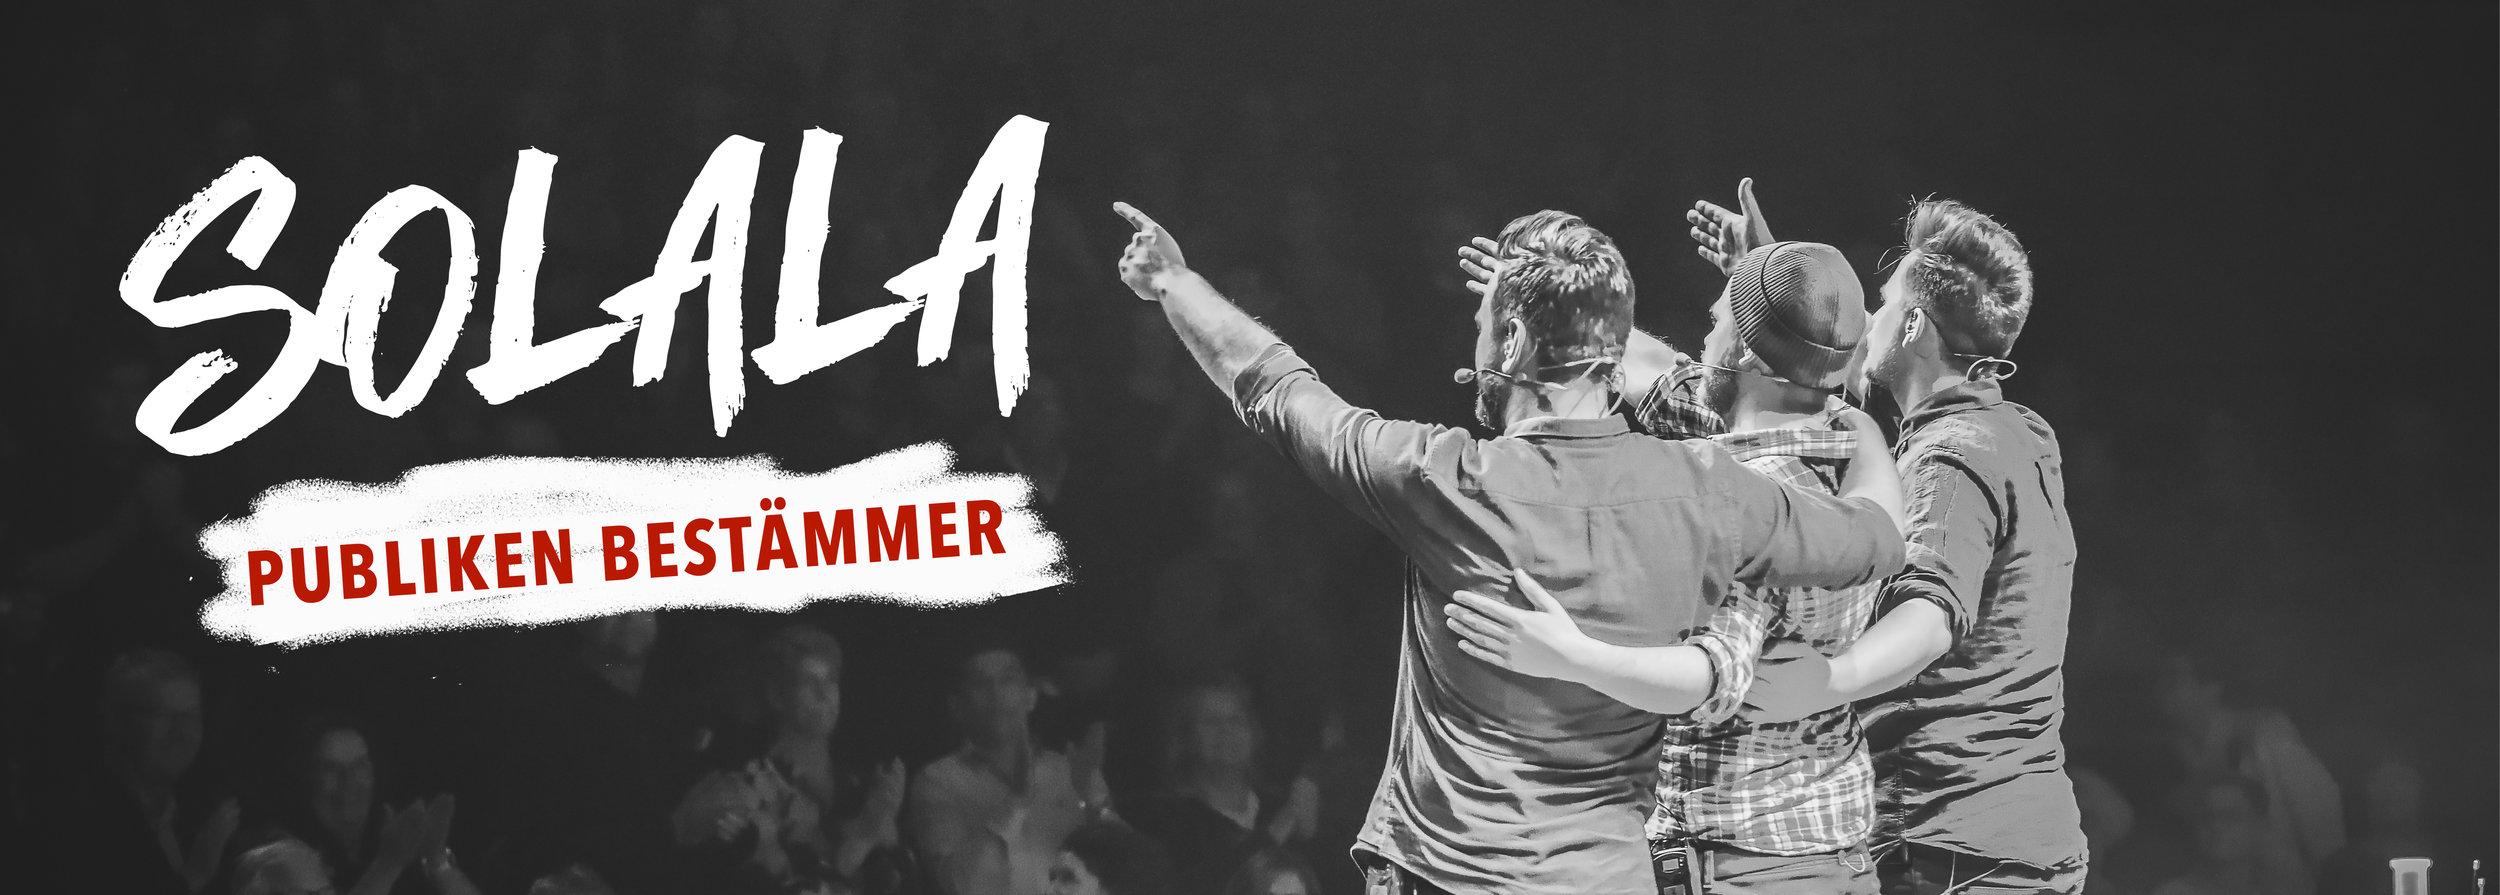 solala prövar ett nytt konsertformat: publiken bestämmer, där du som publik får rösta fram vilka låtar som ska sjungas! tre konserter som spelas under hösten 2019.